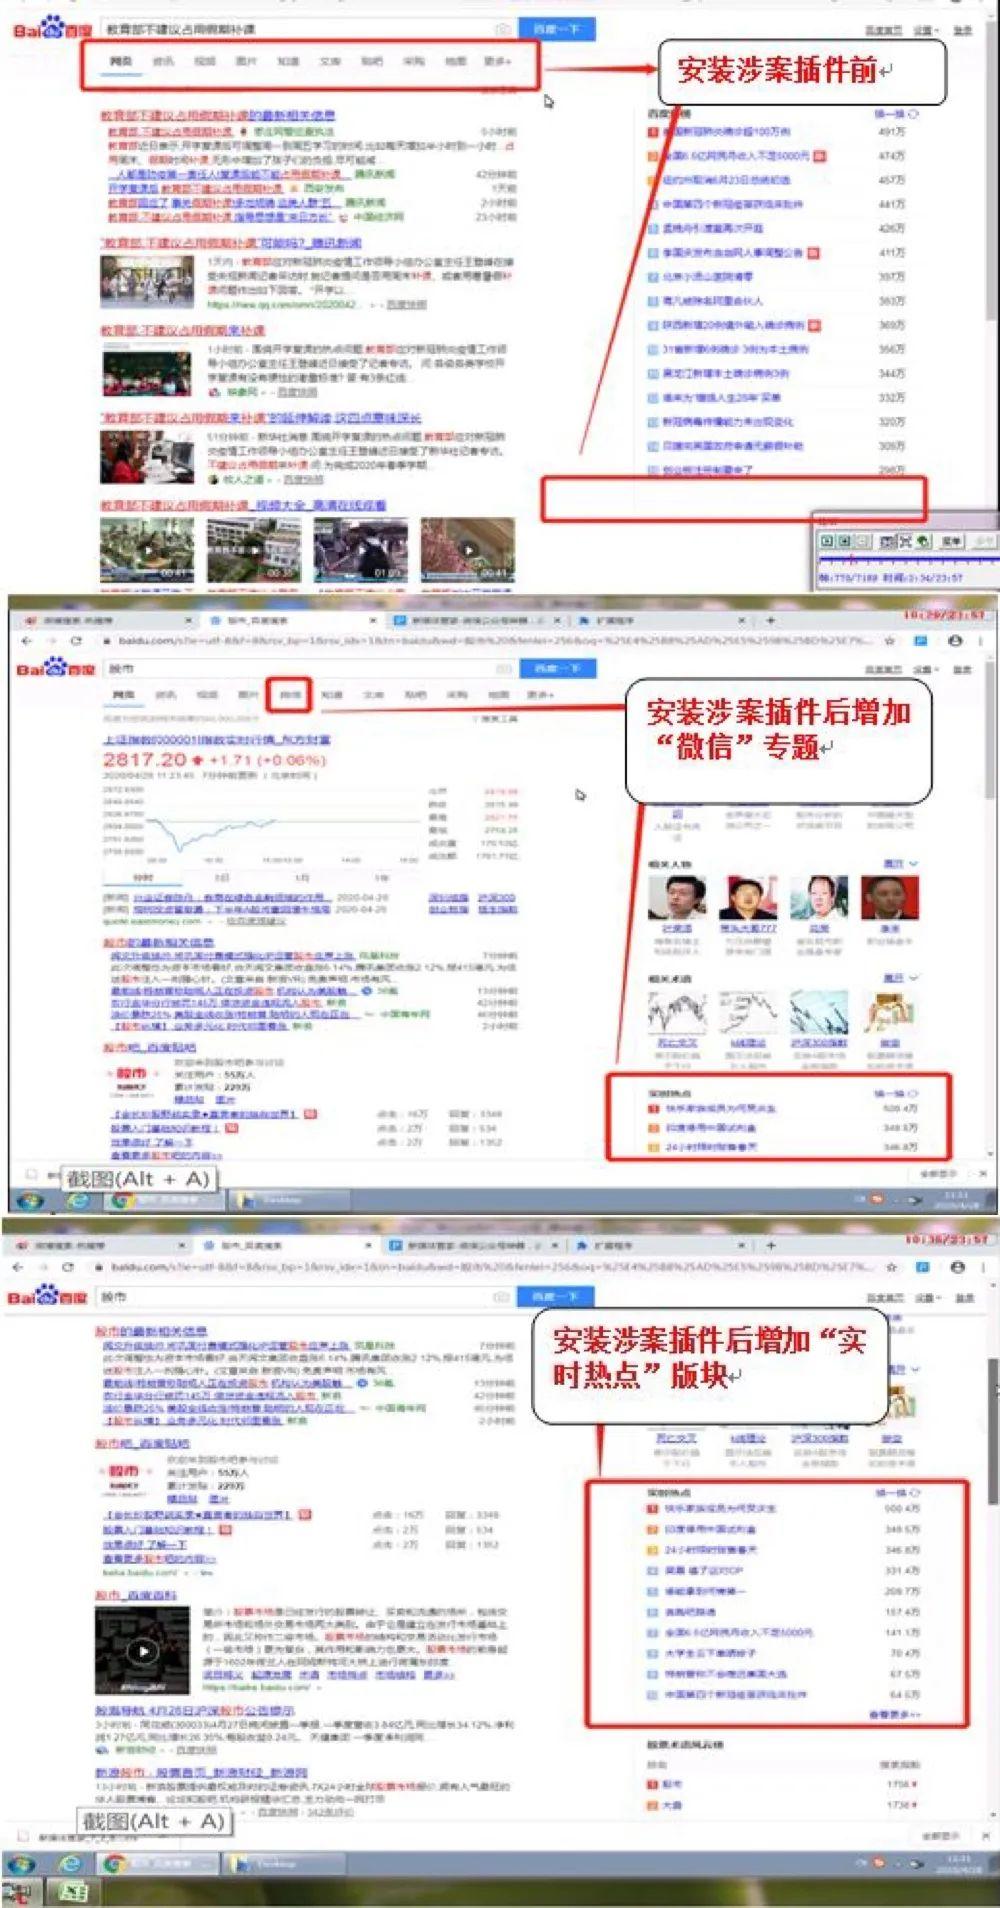 #晨报#中兴5G战略全球专利布局超过5000件;海南普利制药与浙江大学签订技术转让(专利申请权)